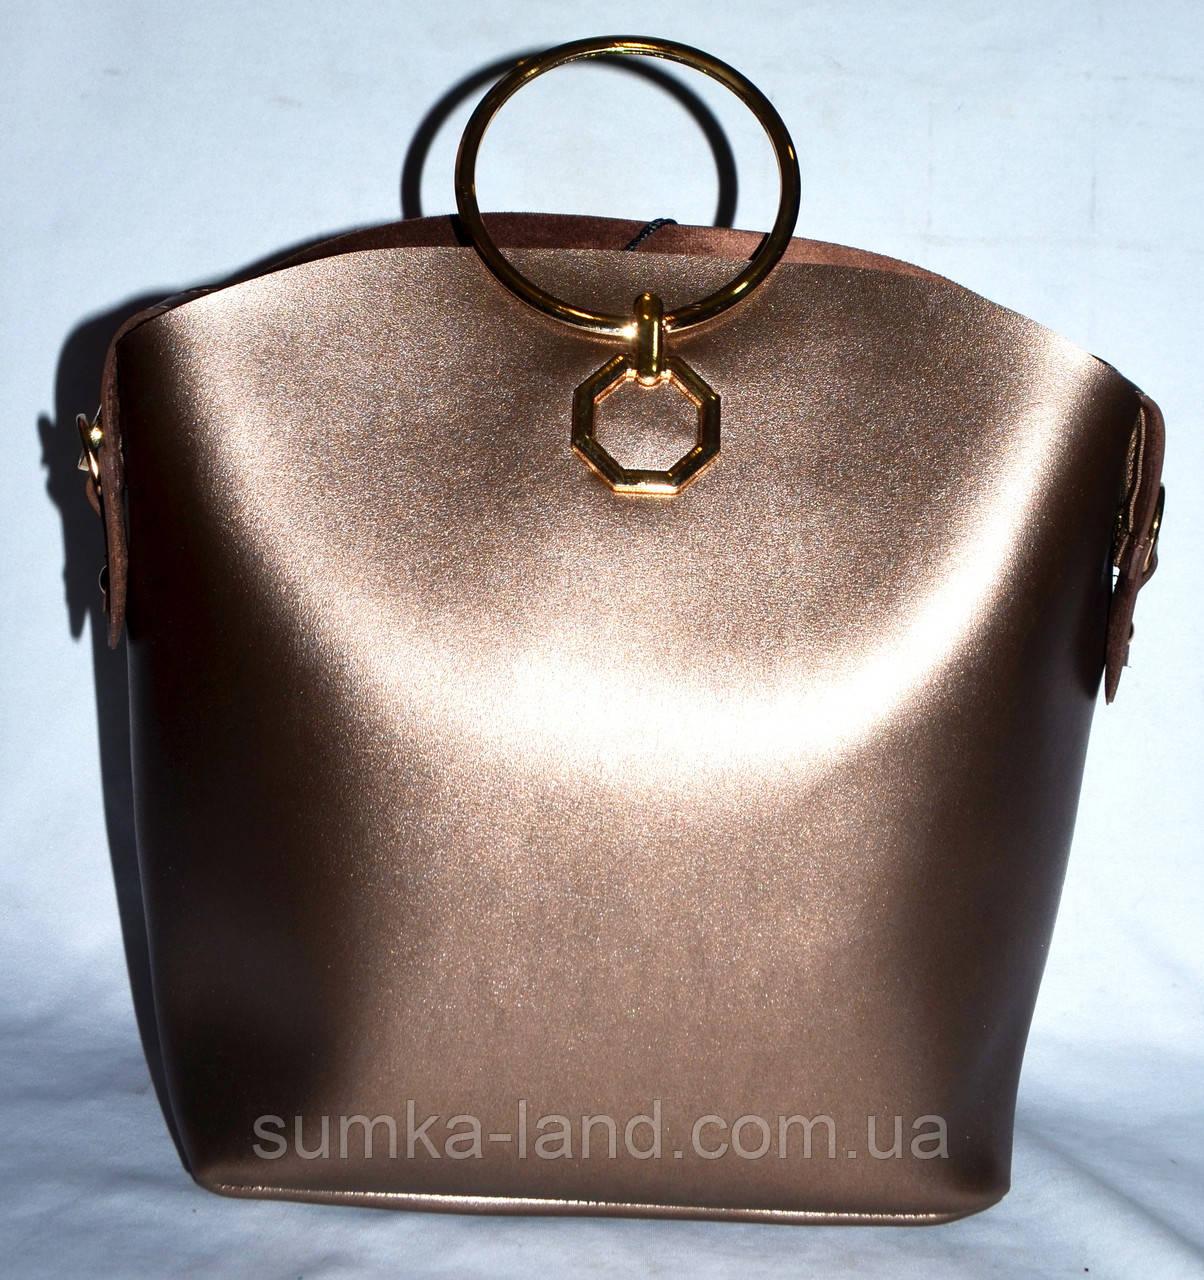 88fc18595d36 Женская бронзовая сумка Michael Kors с металлическими круглыми ручками  27*24 - SUMKA-LAND